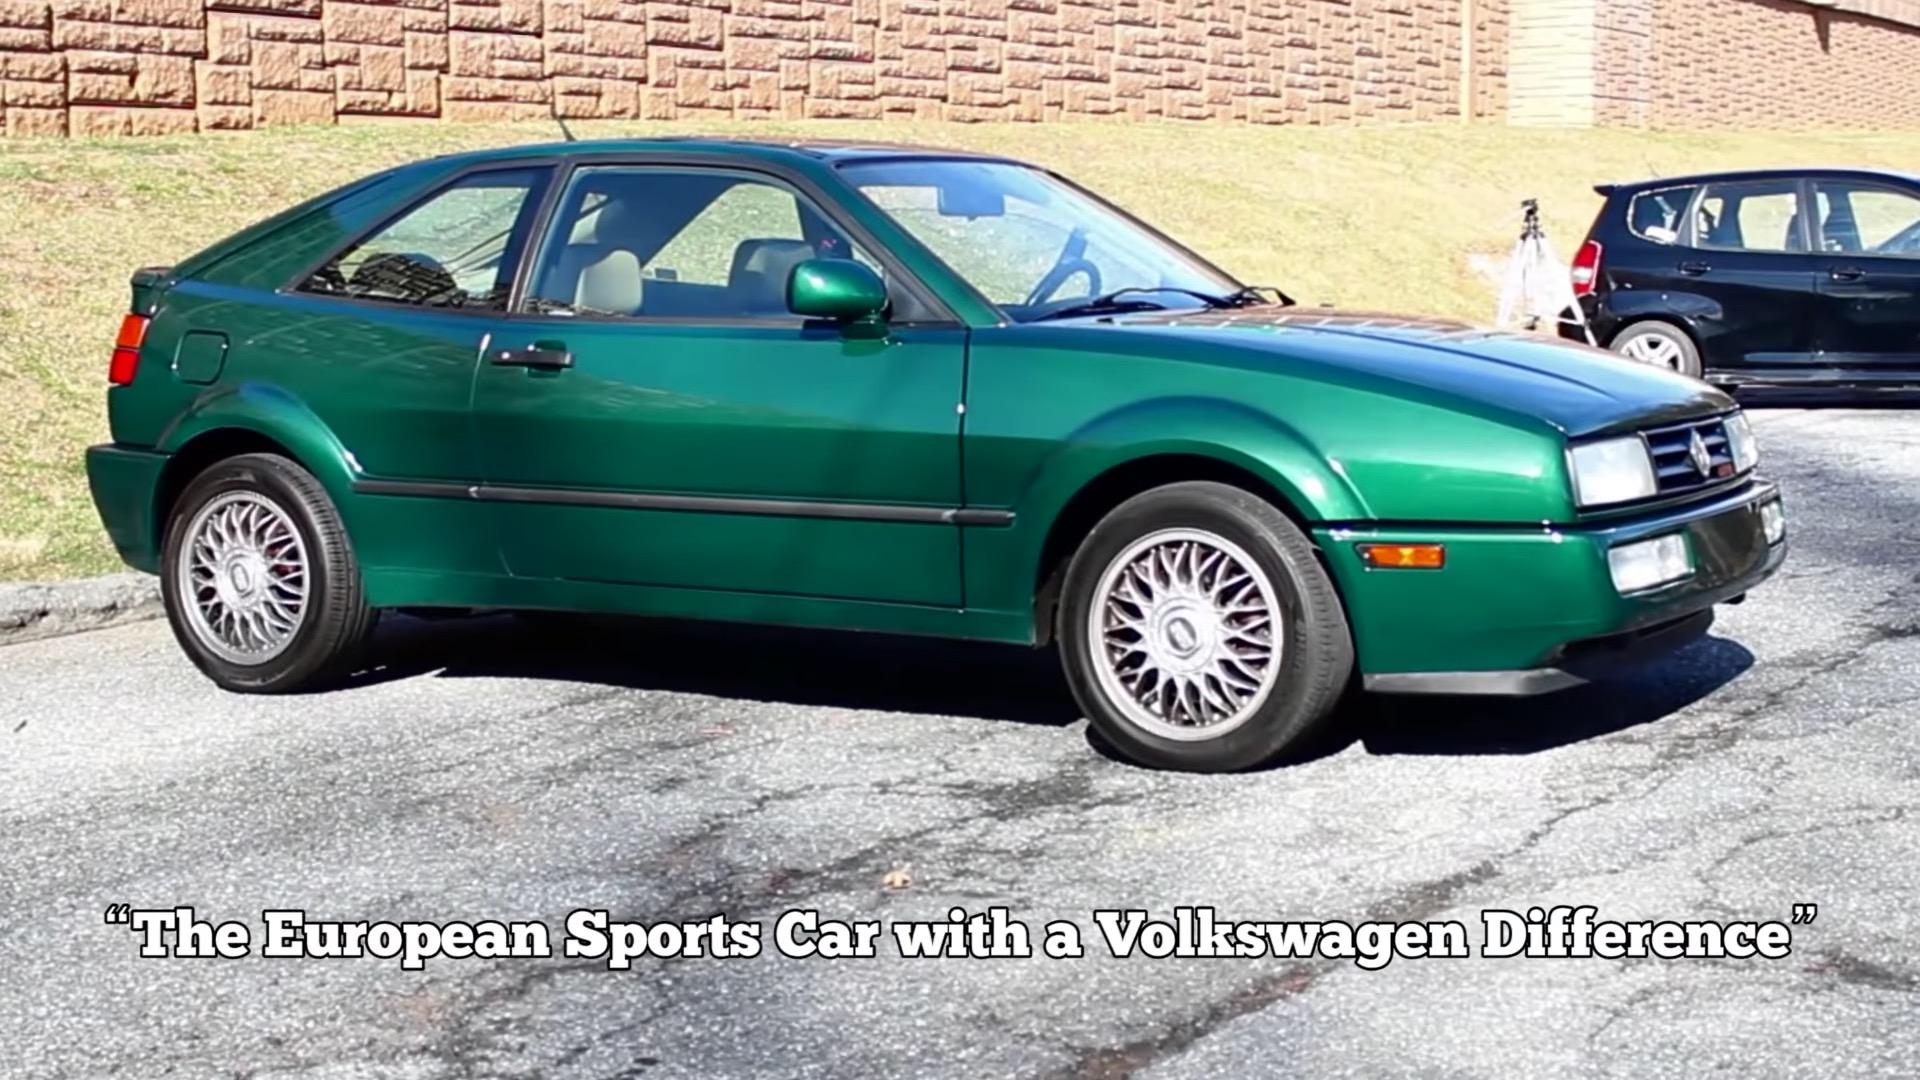 Volkswagen Corrado Vr6 Gets The Regular Car Reviews Treatment